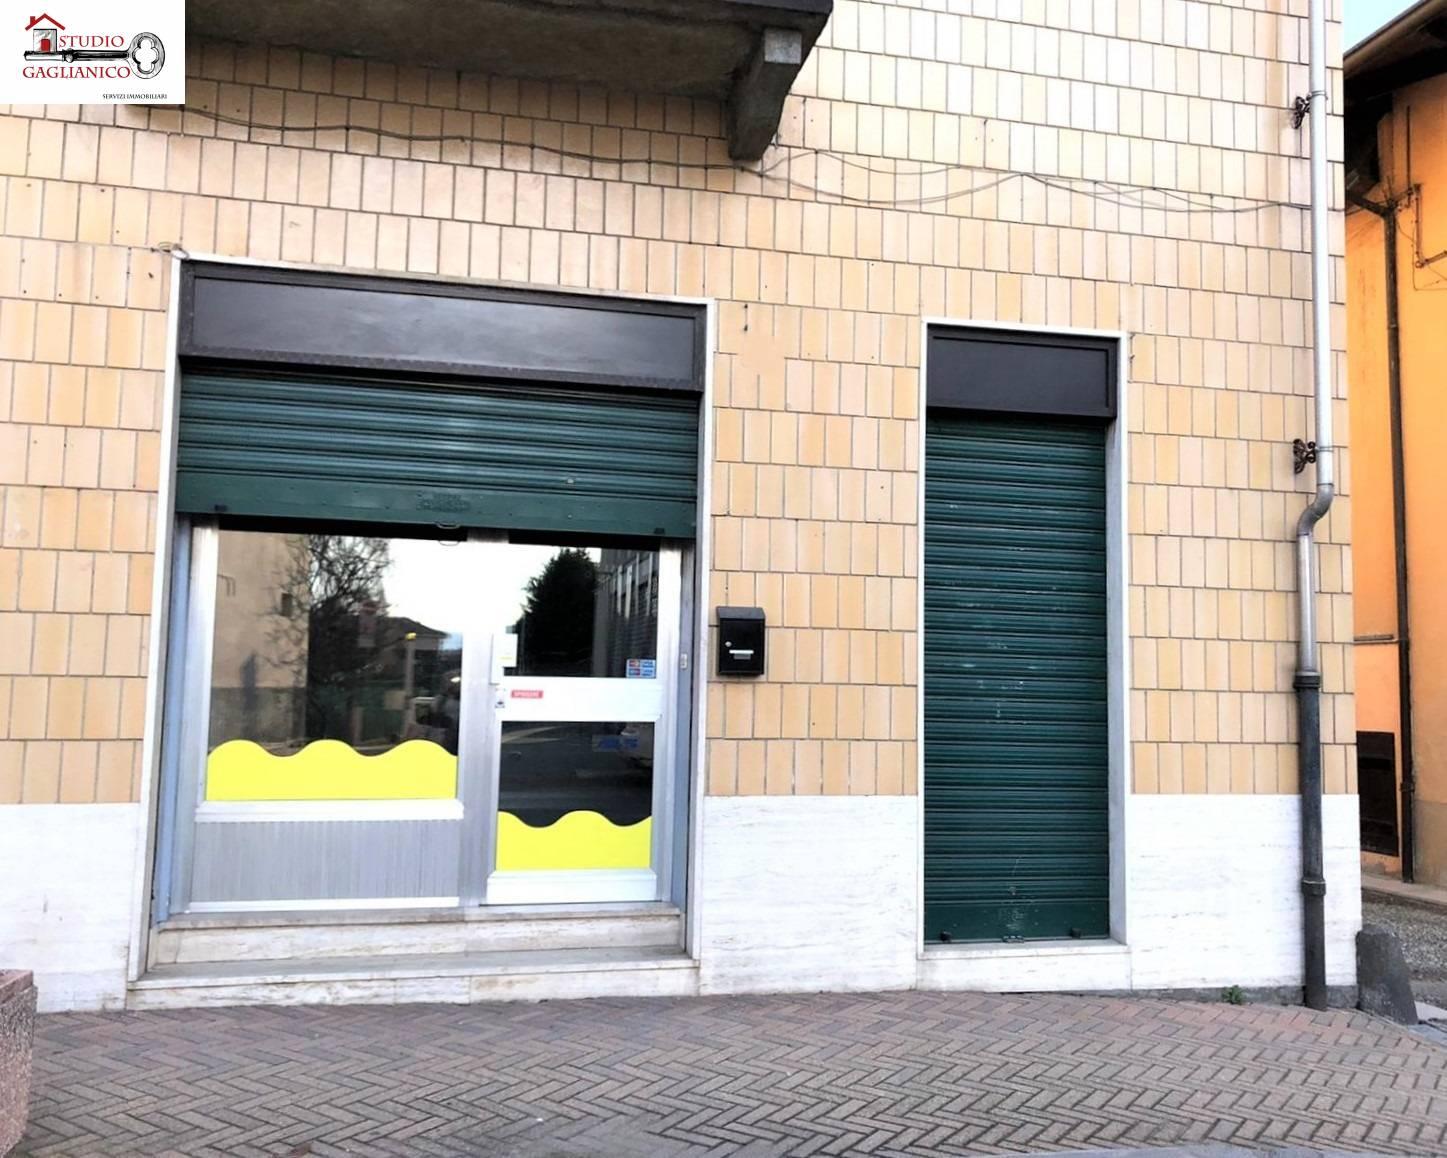 Fondo commerciale in affitto a Sandigliano (BI)